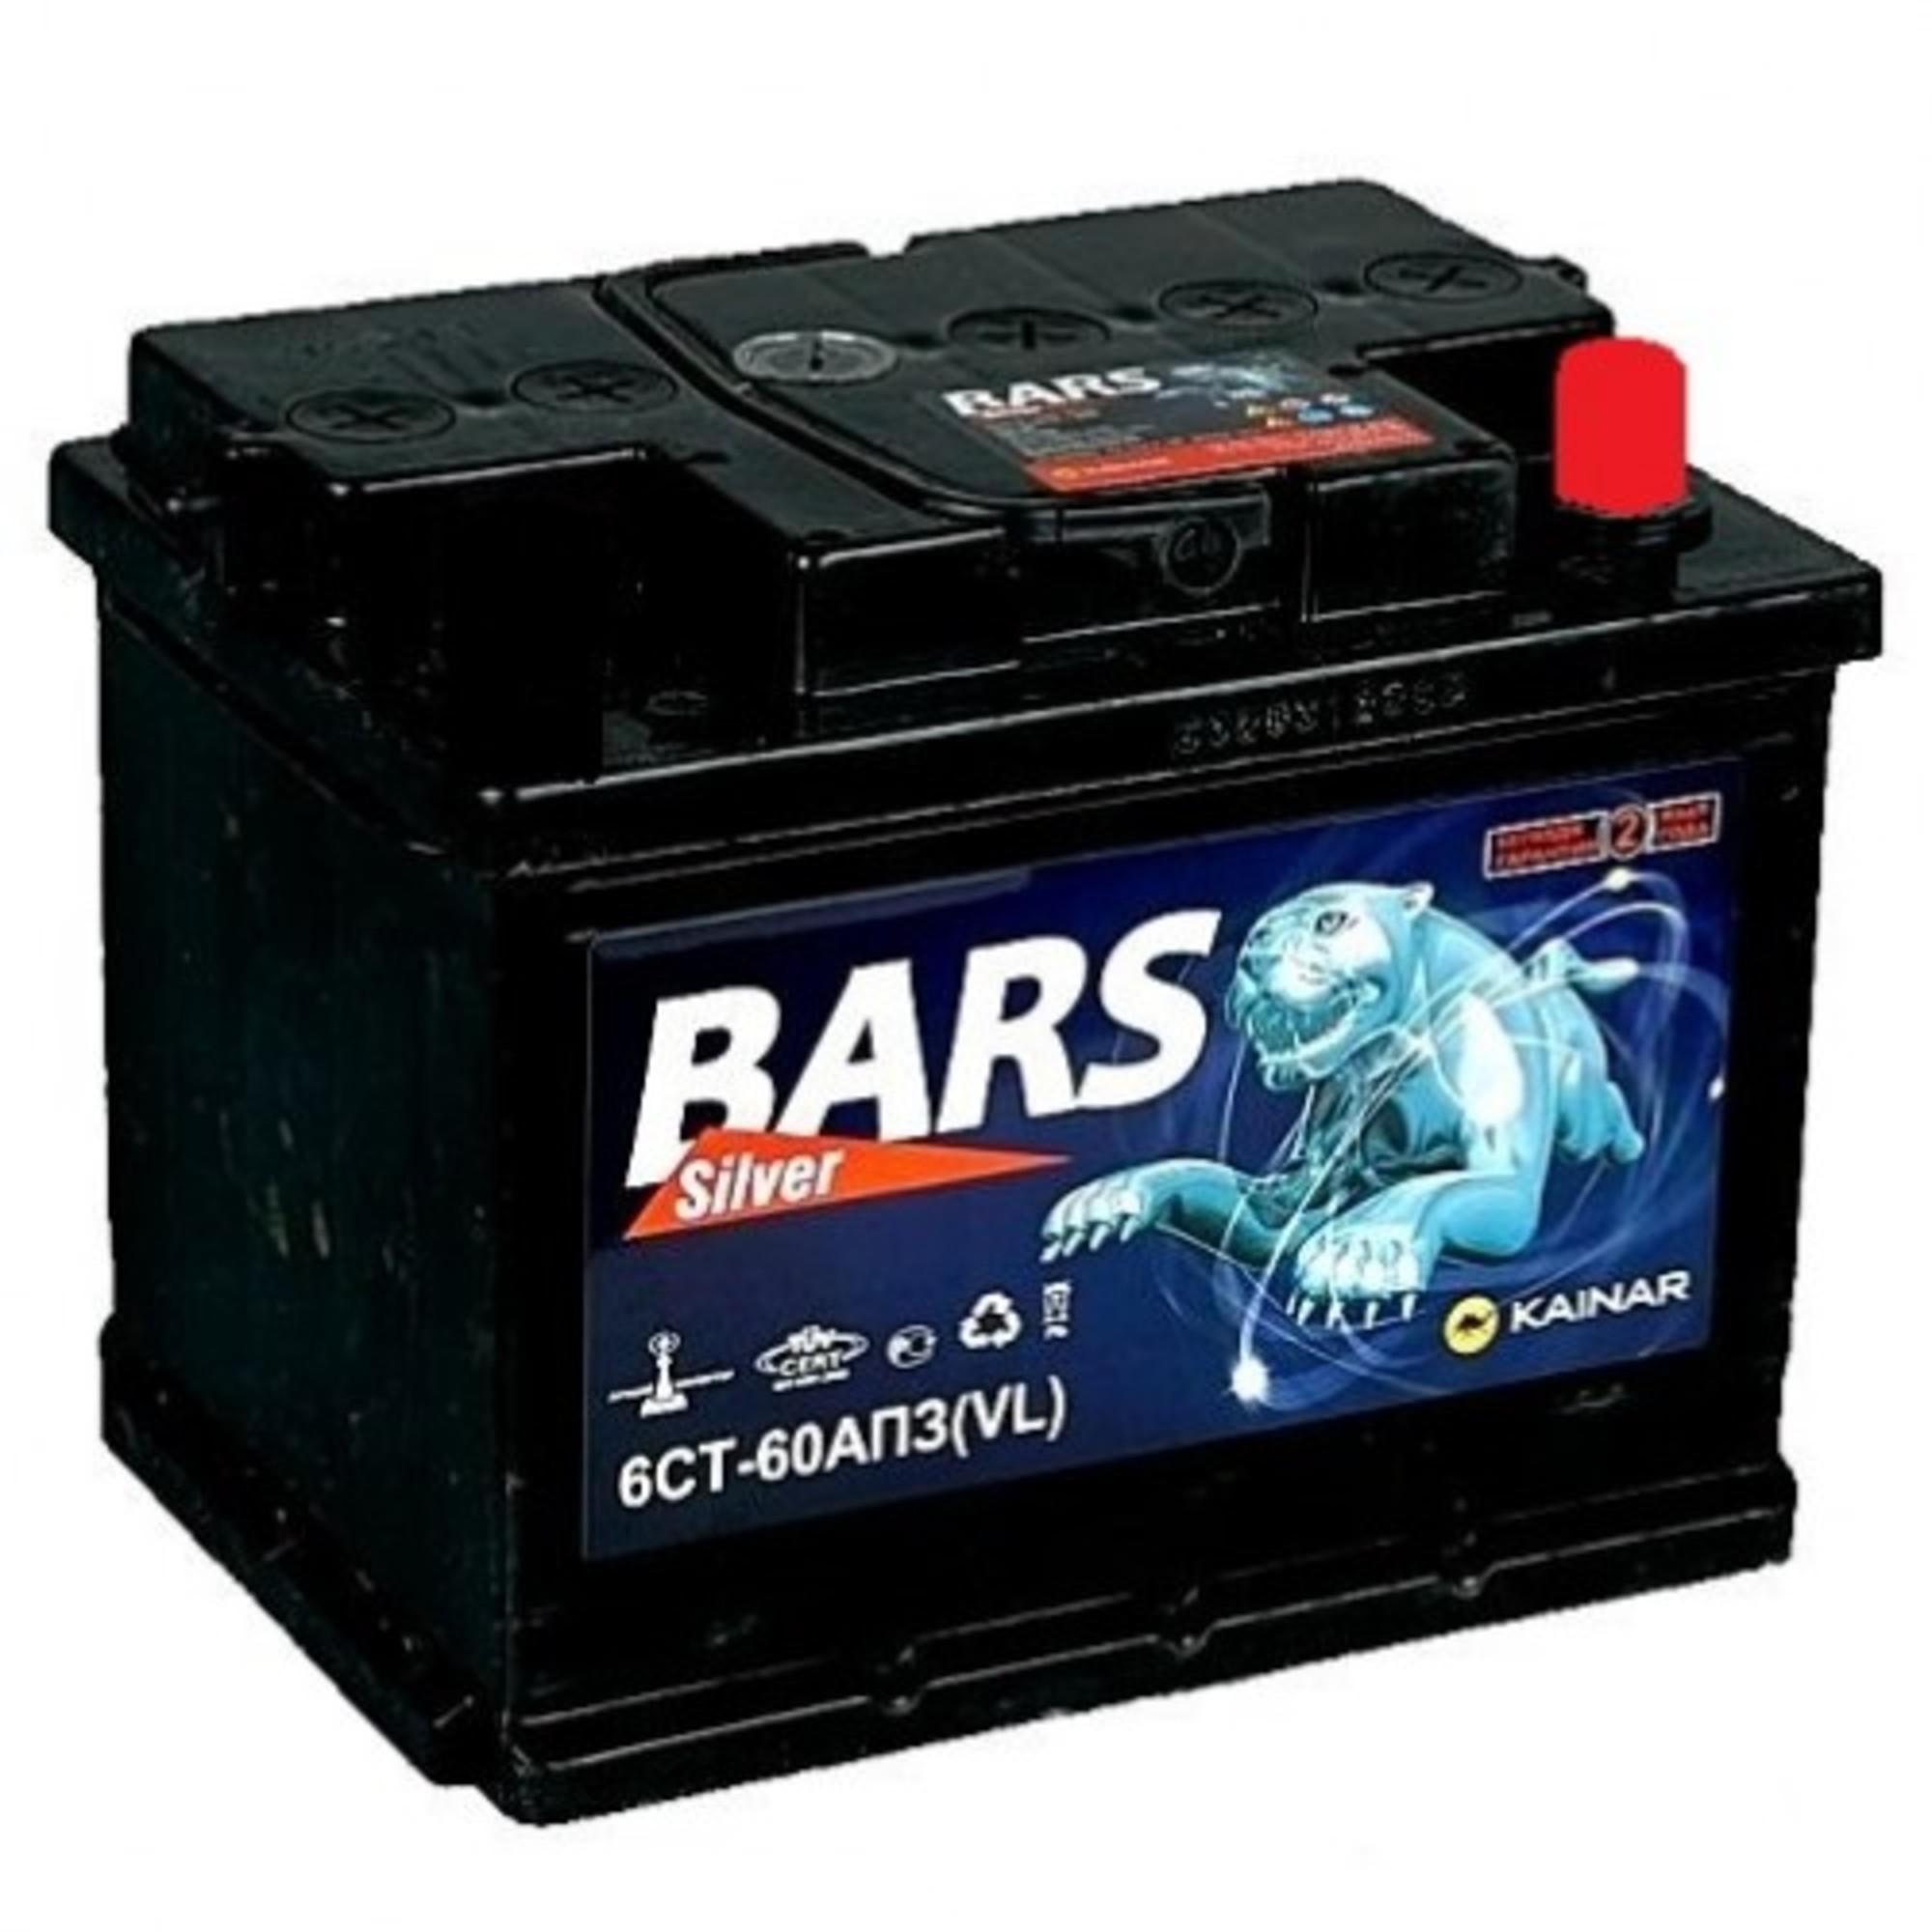 Аккумулятор 60 - 6 СТ BARS SILVER о.п. низ. (АПЗ)